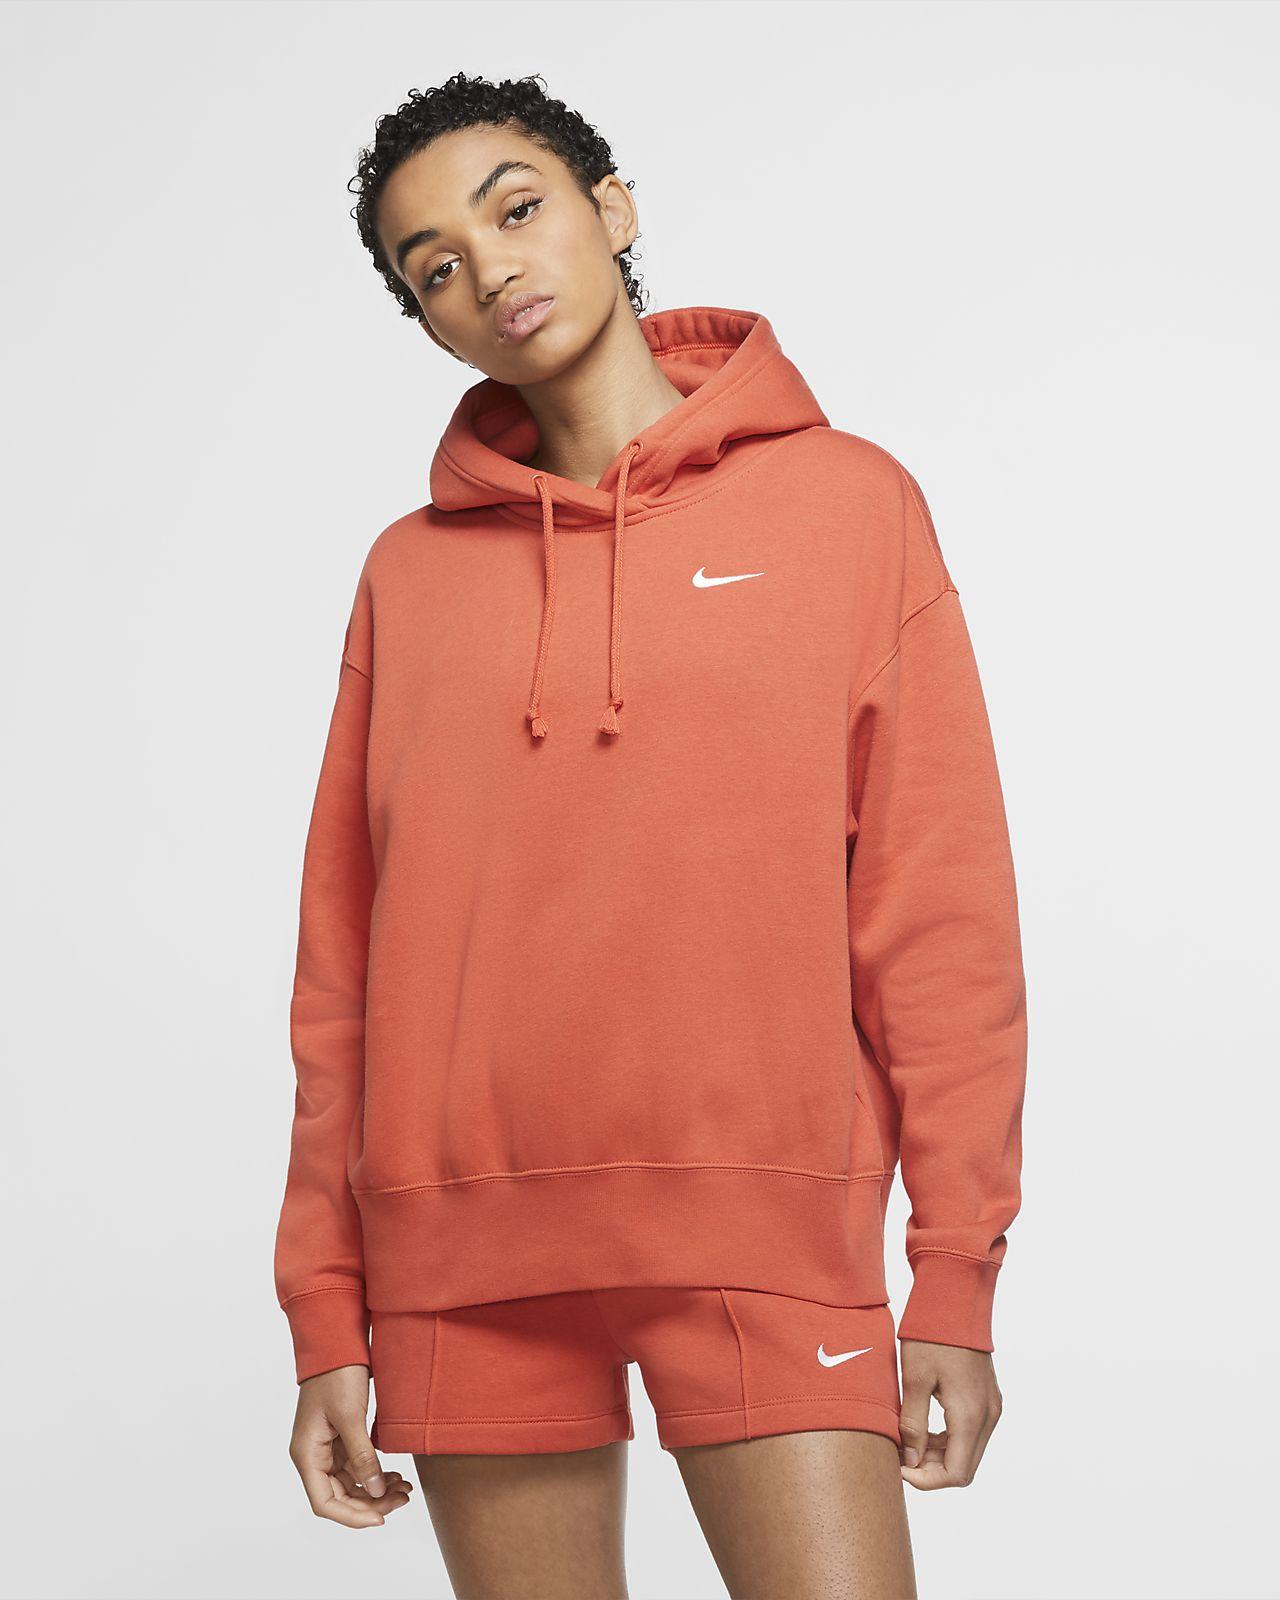 Nike Sportswear Fleece Kadın Kapüşonlu Üstü